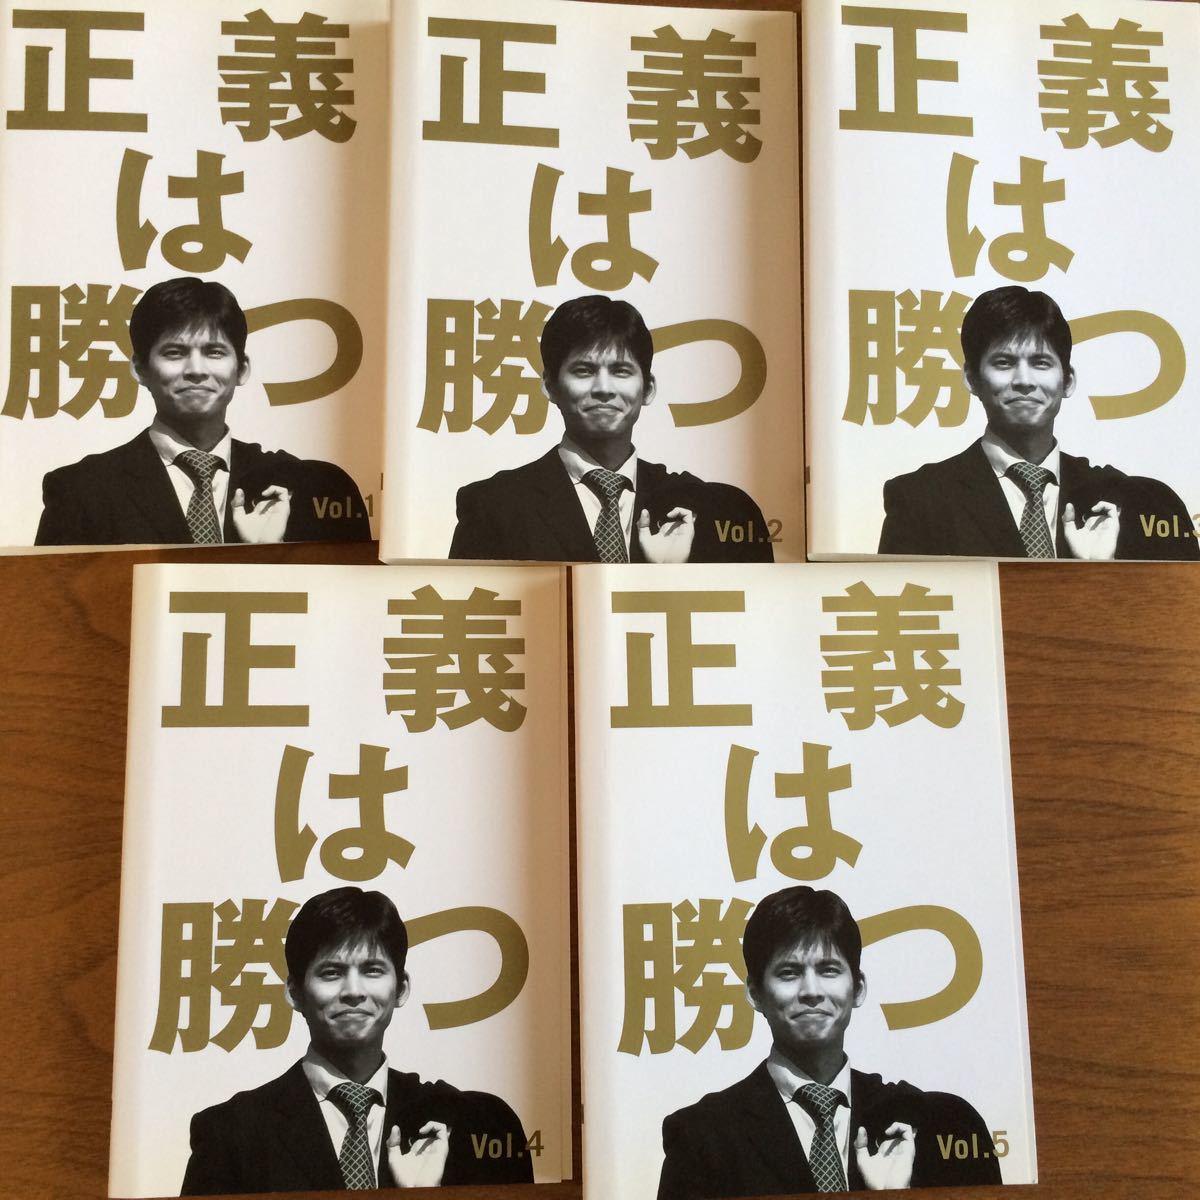 【レンタル落ちDVD】正義は勝つ 5巻セット